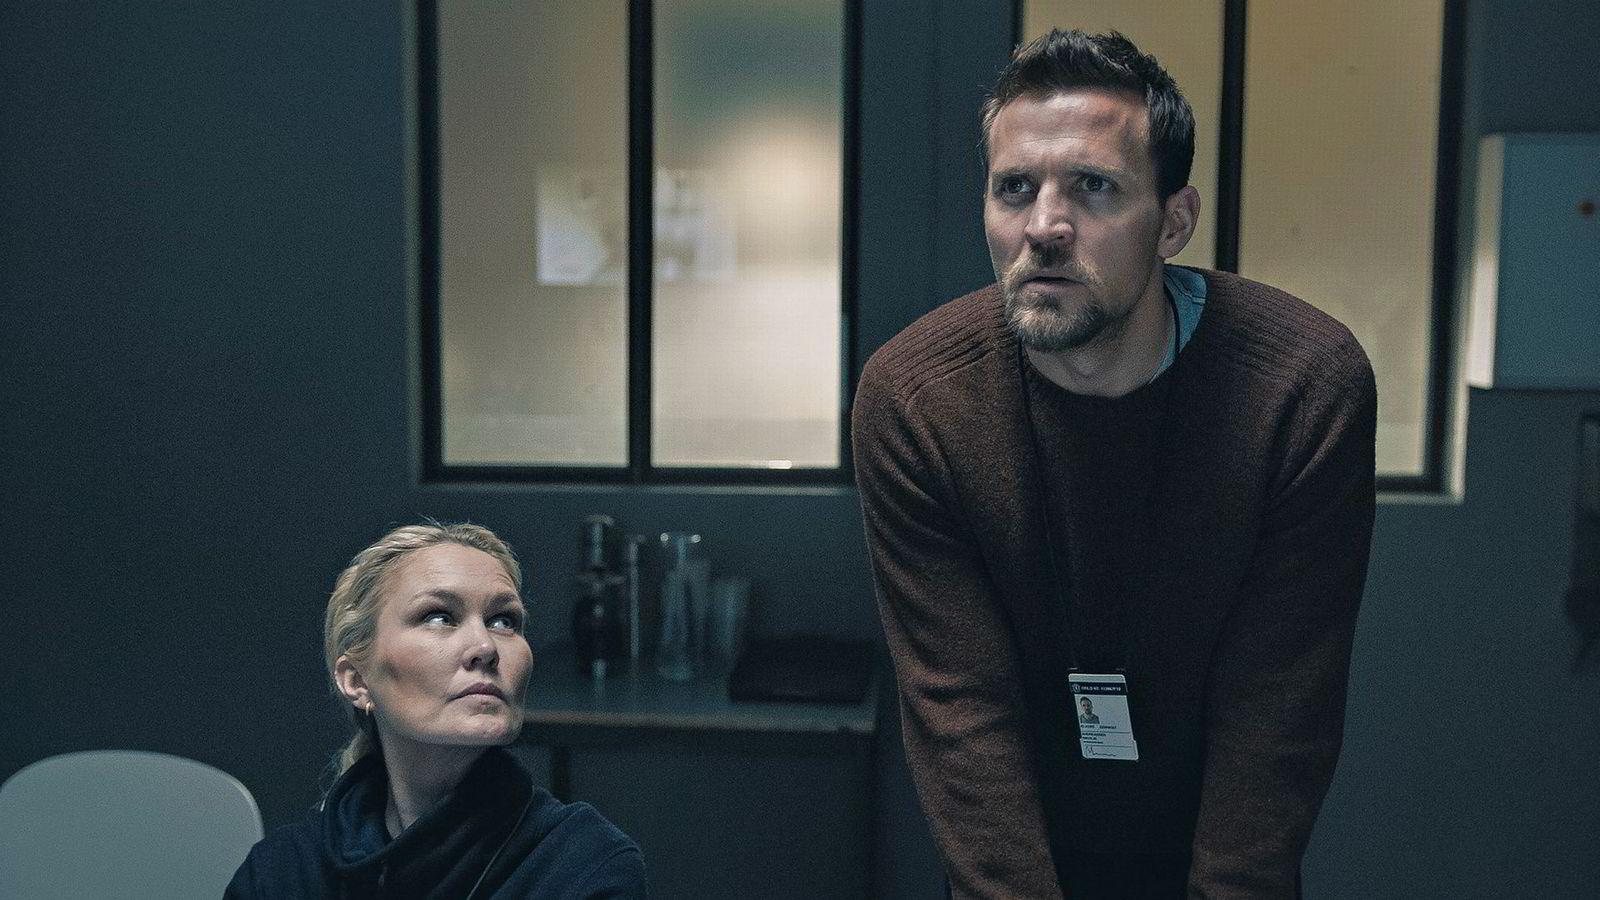 Grenseland. Den nye TV 2-serien «Grenseland», med blant annet Tobias Santelmann og Ellen Dorrit Petersen i rollene, er i sentrum for en rettighetskonflikt mellom norske Monster og Hollywood-produsent Herrick Entertainment.